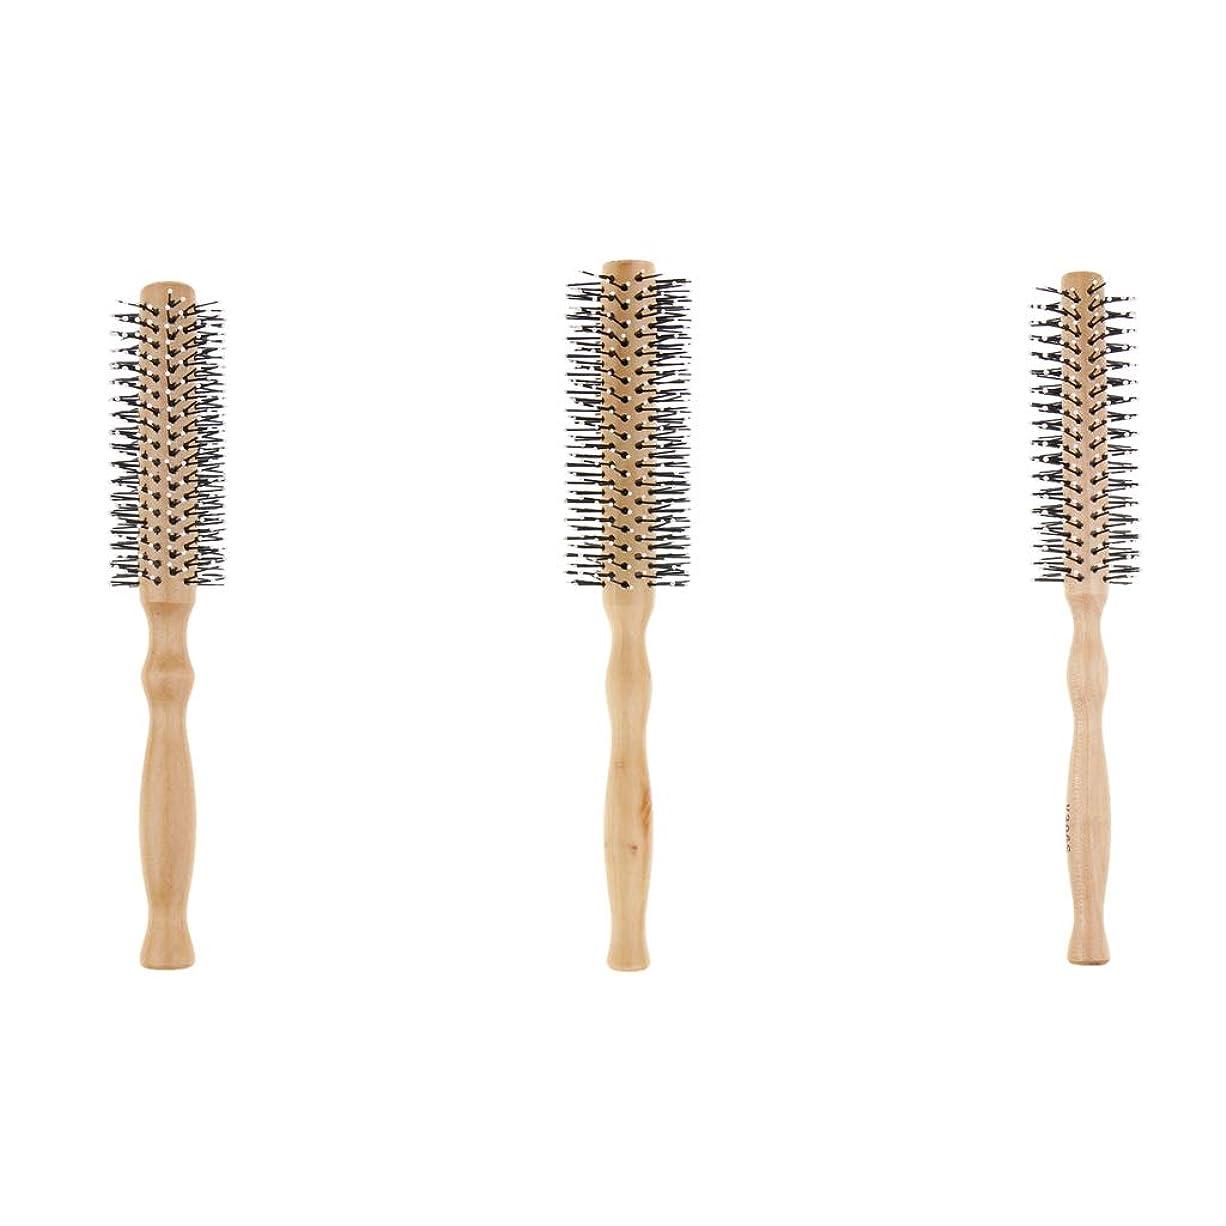 ピニオン鳴らす非アクティブSM SunniMix 3本セット ロールブラシ 巻き髪 ヘアブラシ 木製櫛 スタイリングブラシ